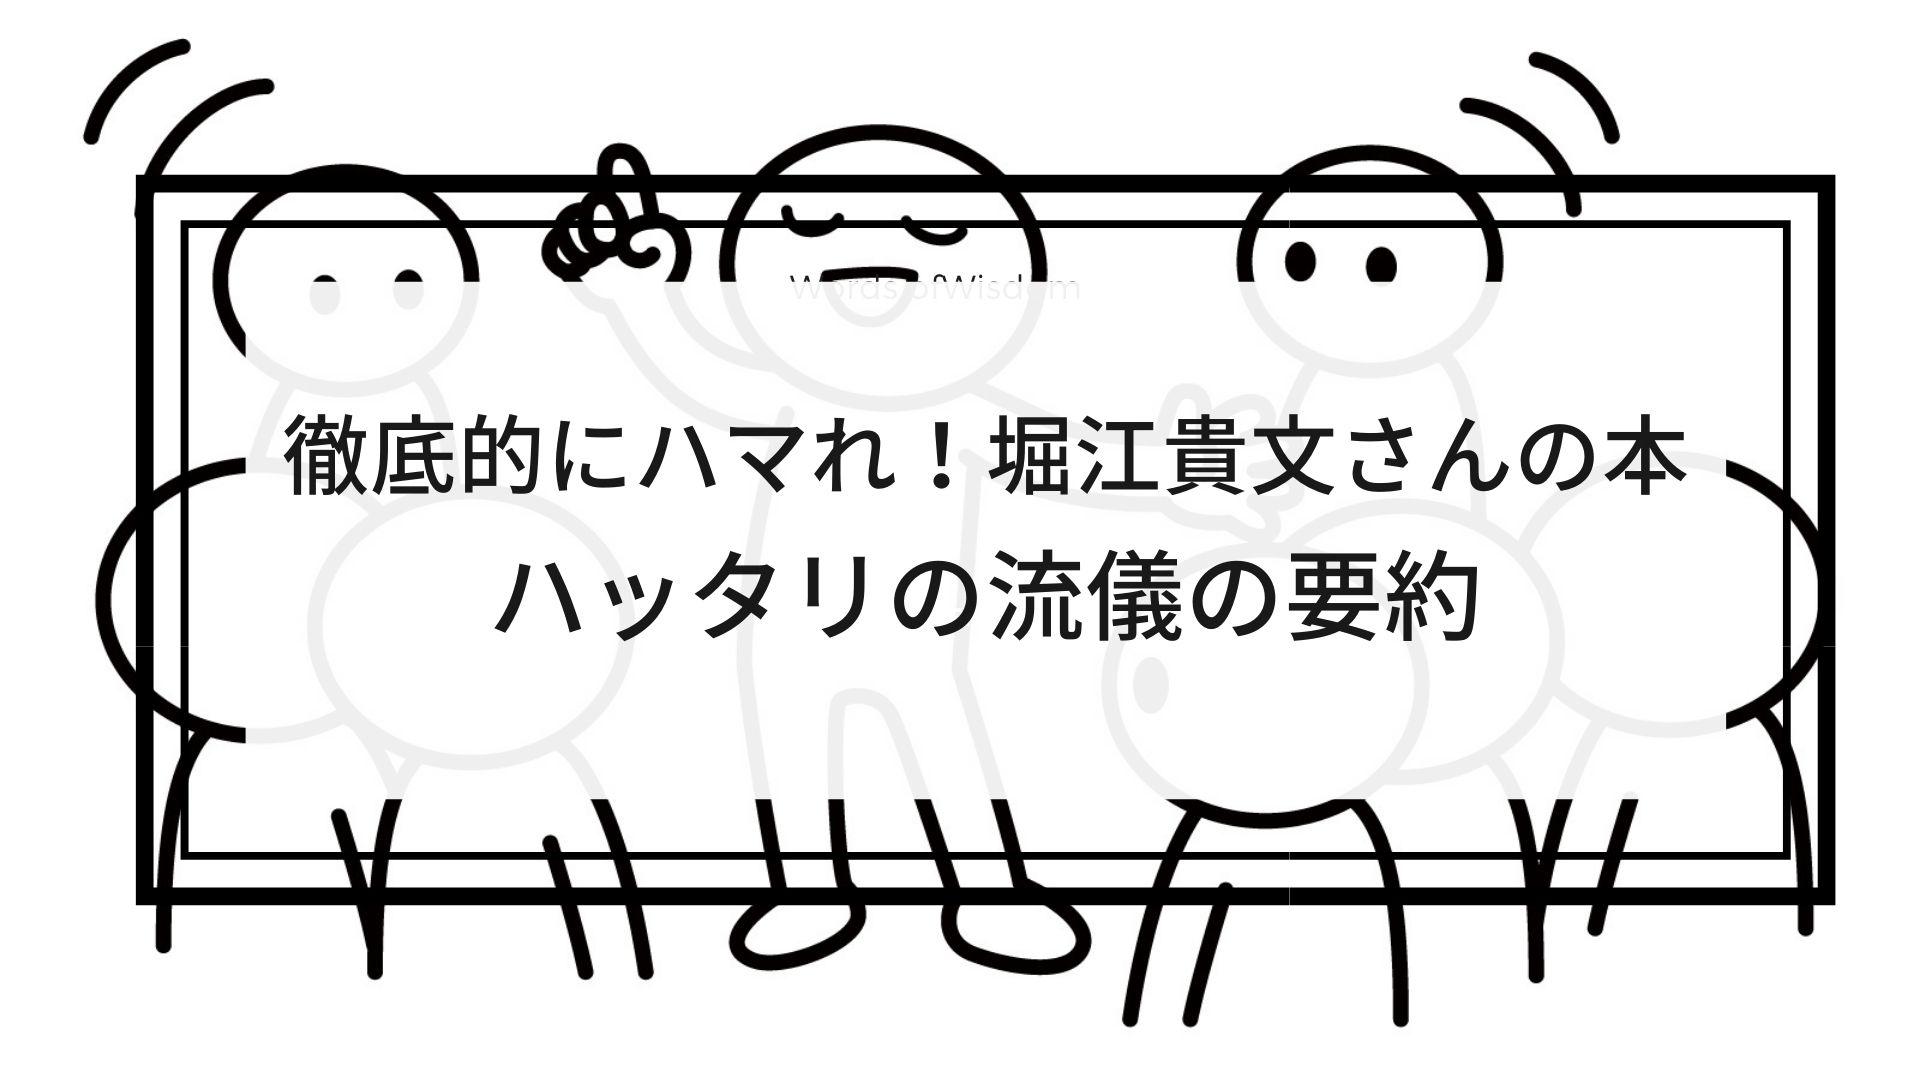 堀江貴文さんの本、ハッタリの流儀の要約